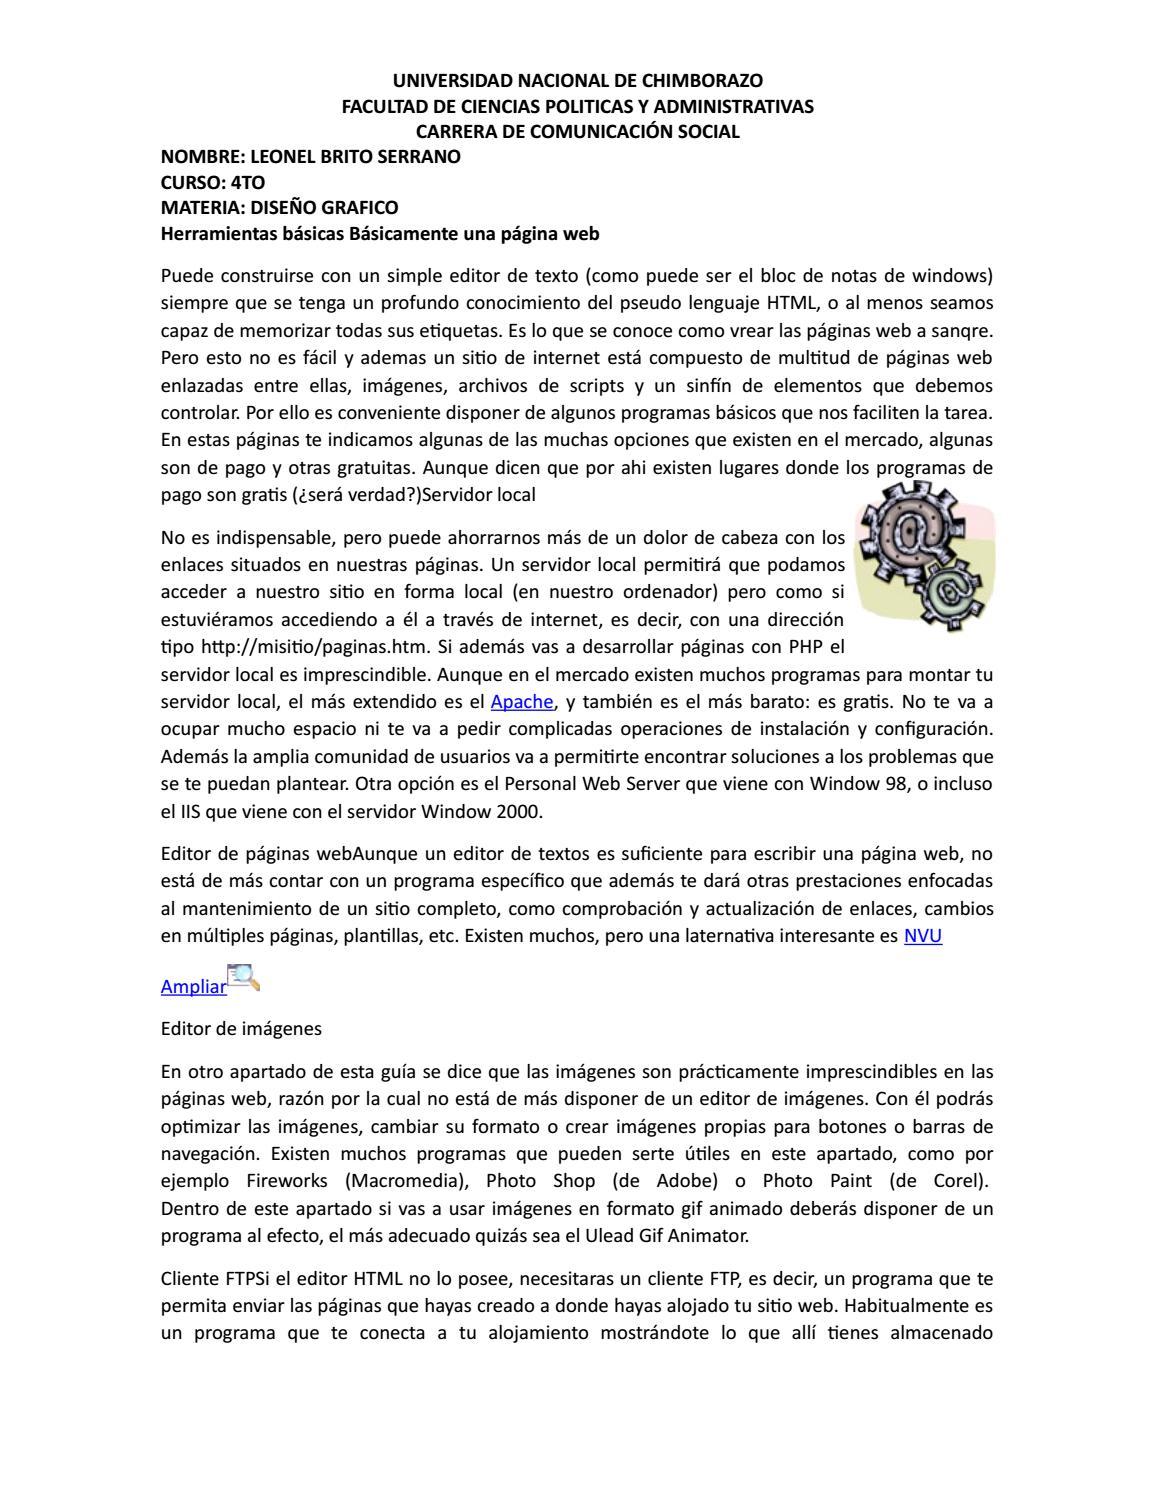 Herramientas para crear una pagina web by fabricio brito - issuu